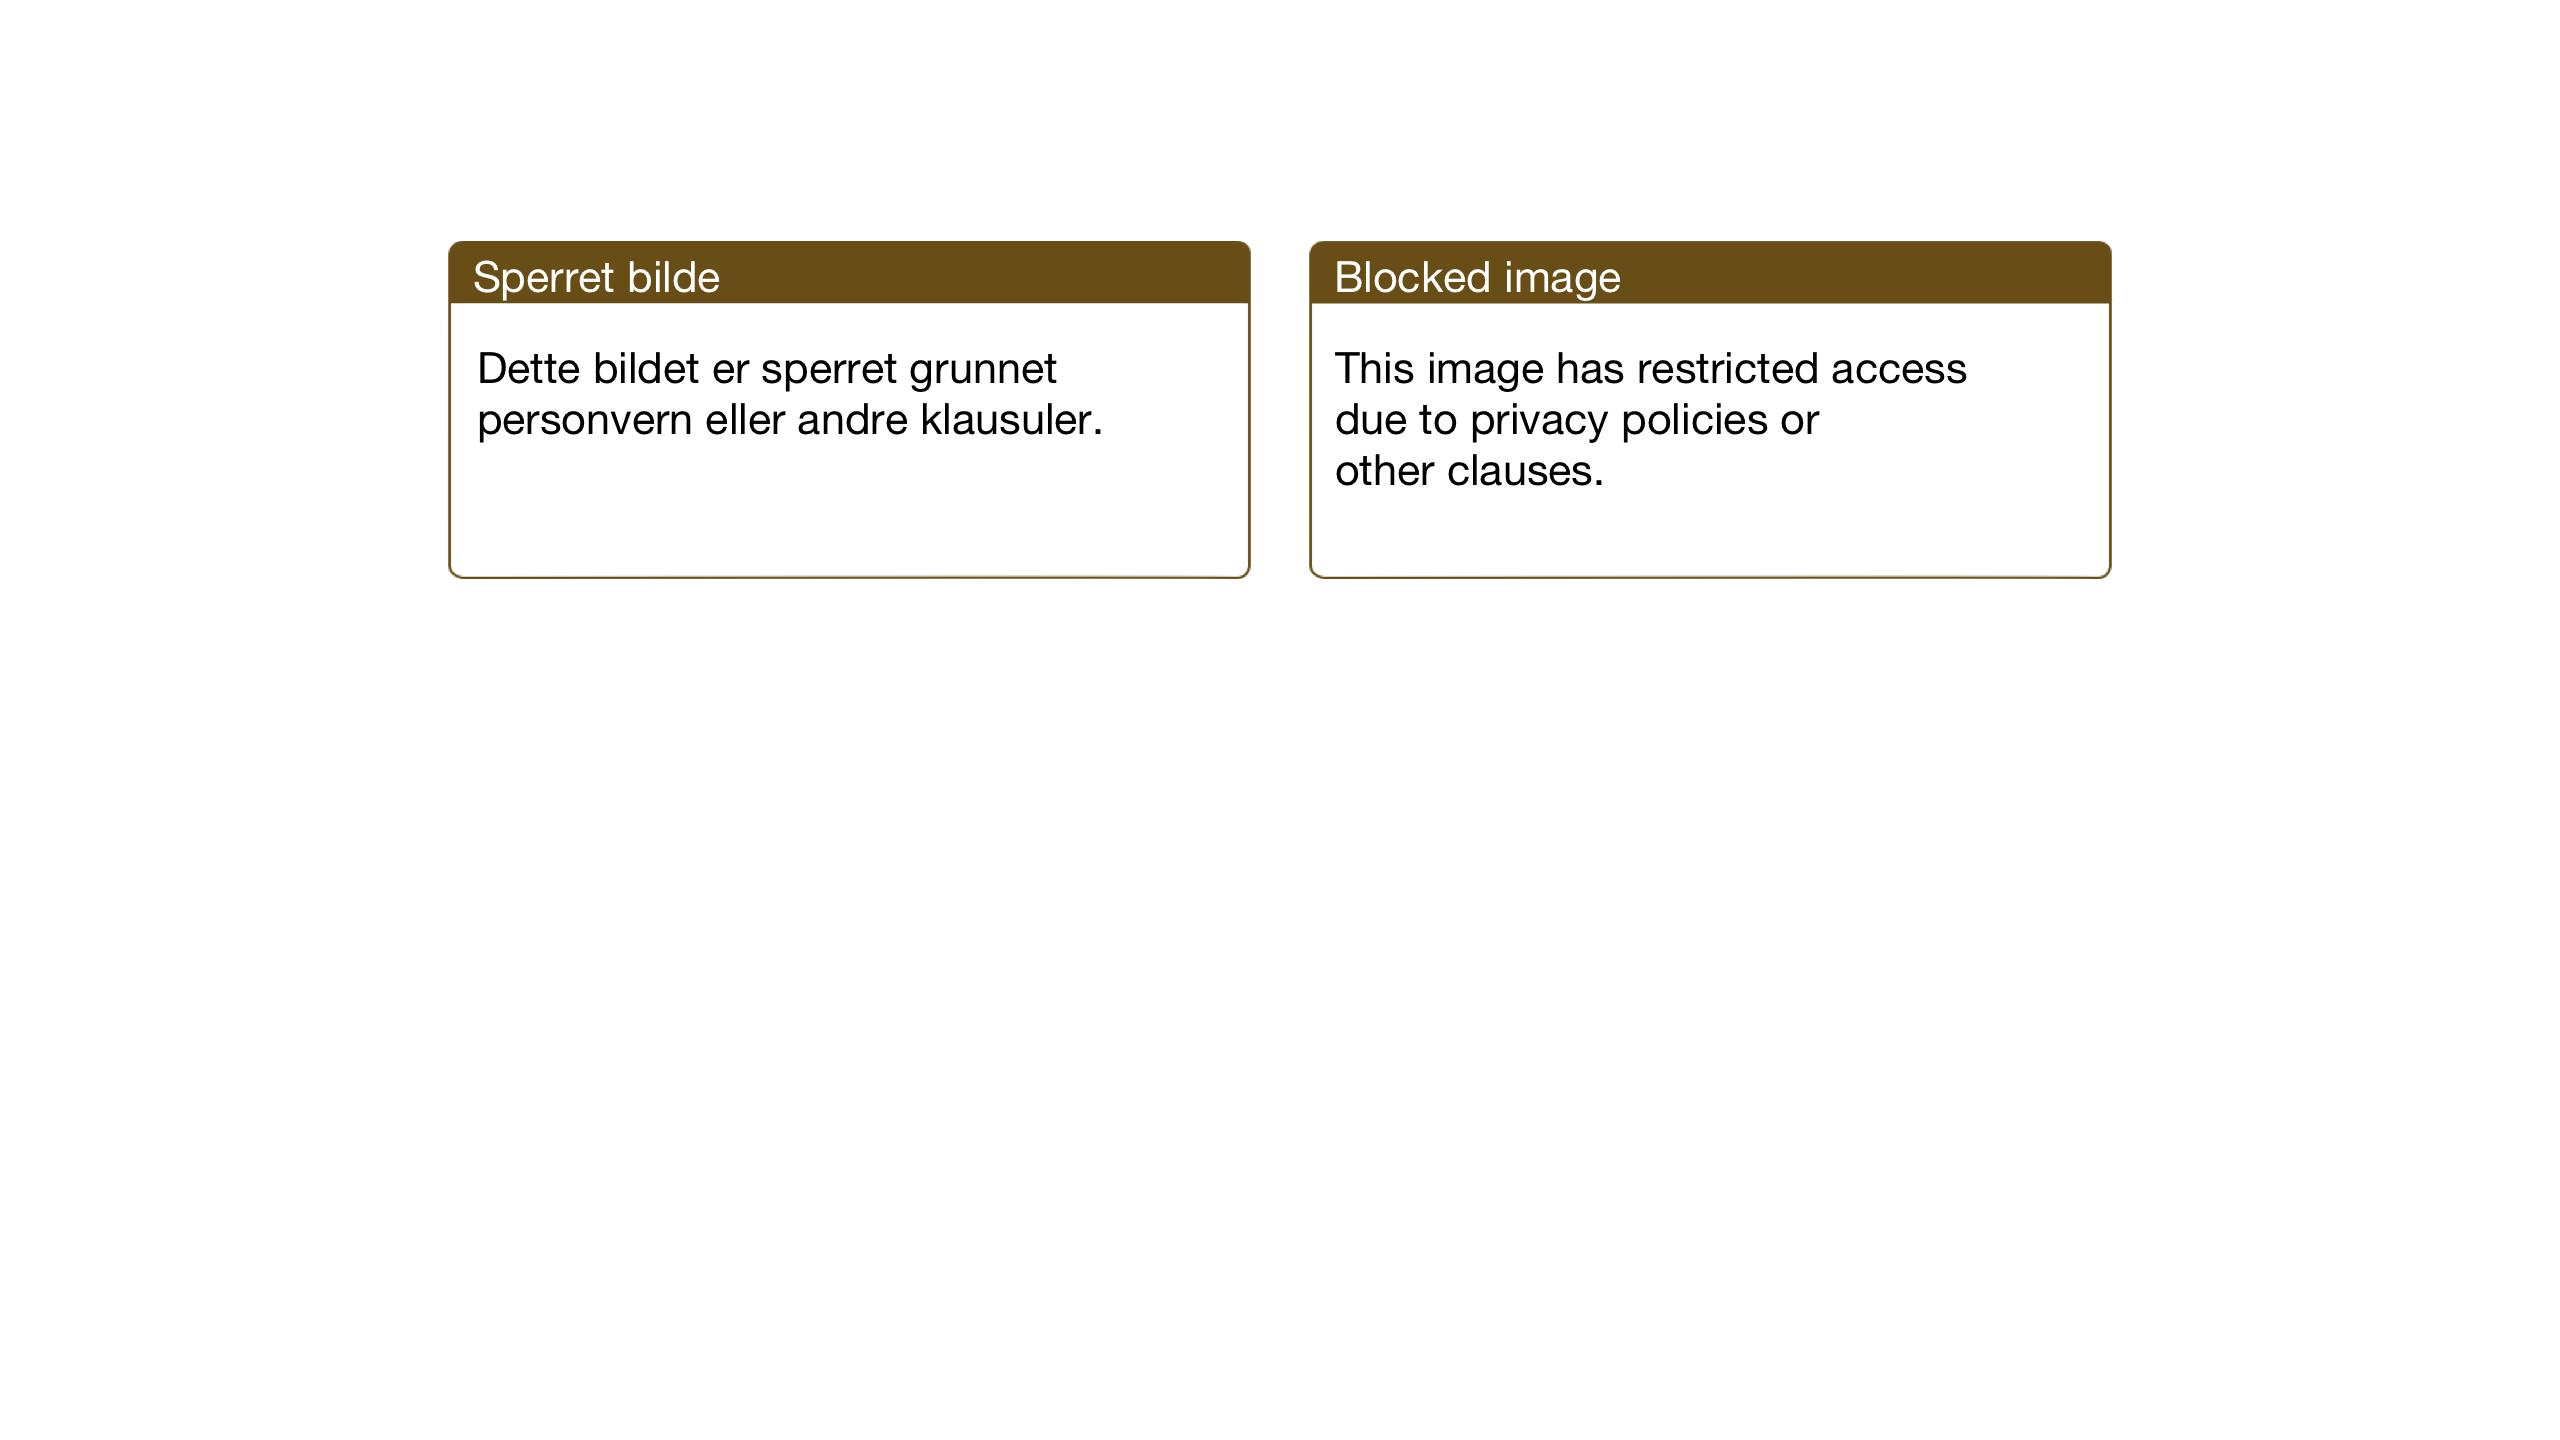 SAT, Ministerialprotokoller, klokkerbøker og fødselsregistre - Nord-Trøndelag, 712/L0104: Klokkerbok nr. 712C02, 1917-1939, s. 80